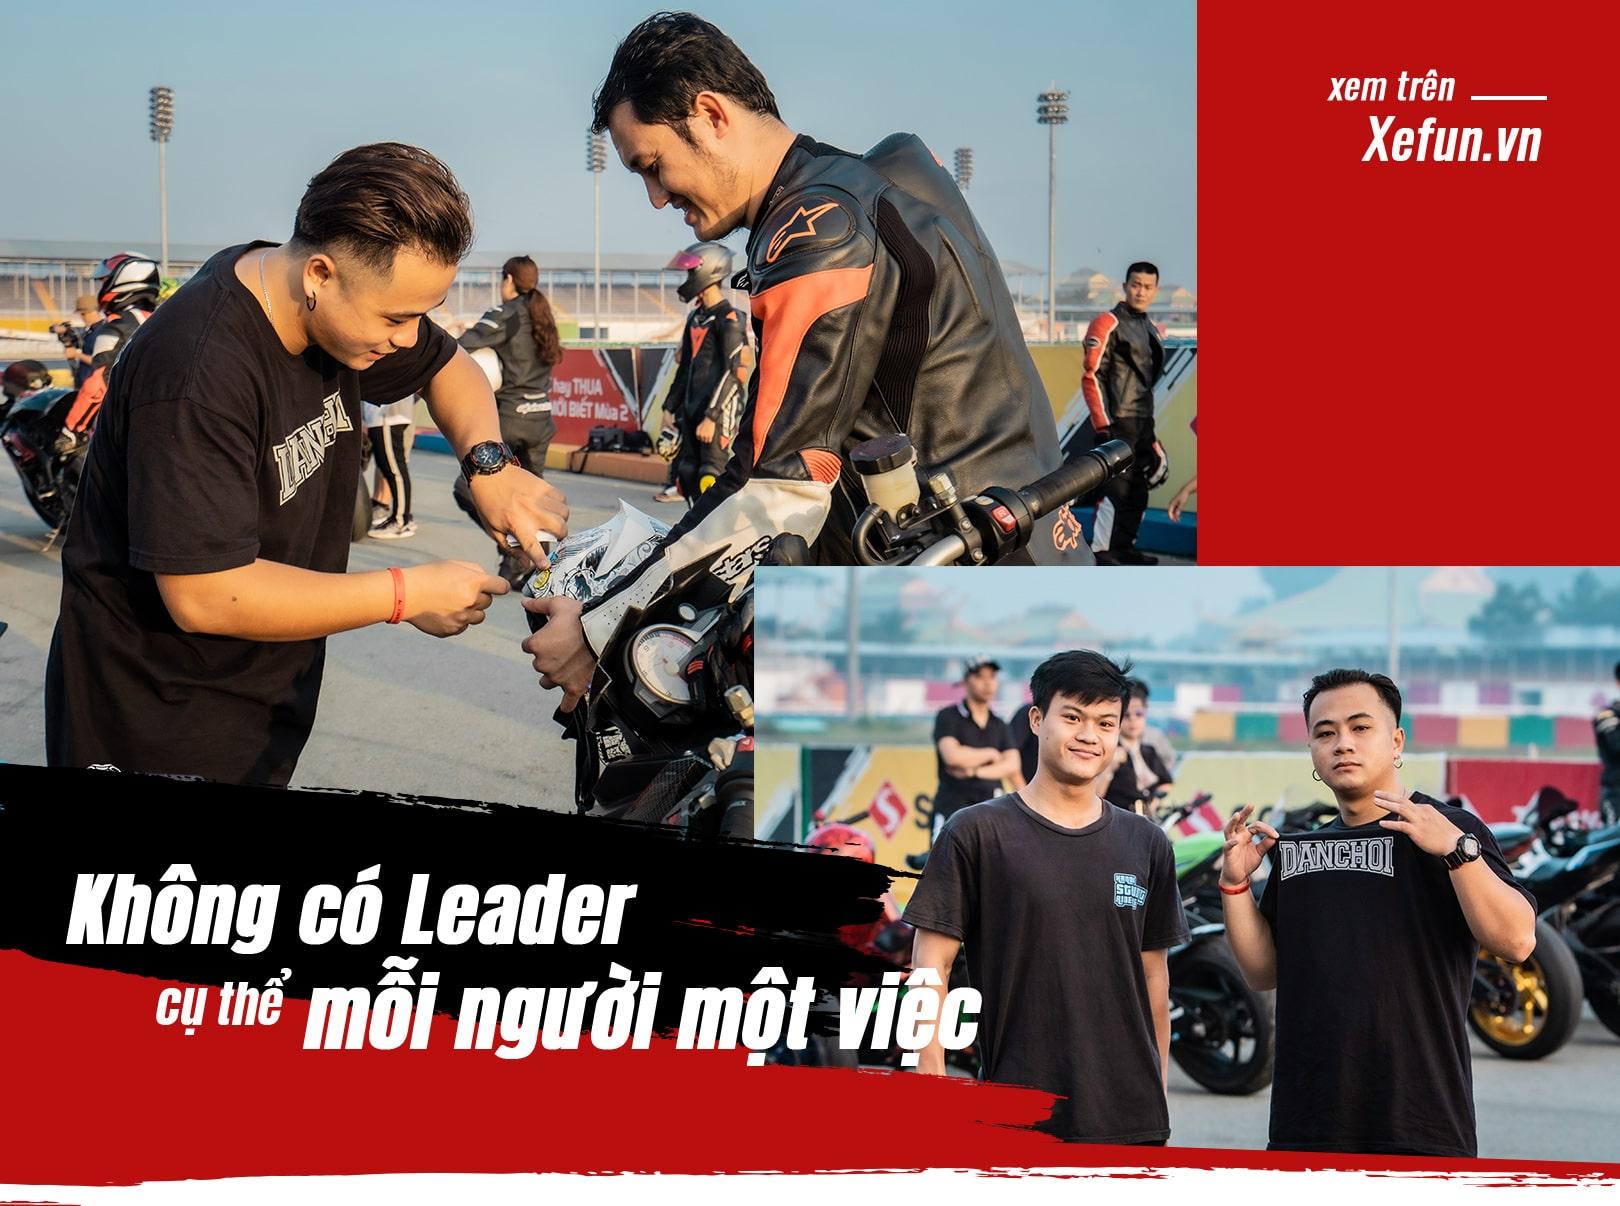 Hanoi Stunt Riders biểu diễn Trường đua Đại Nam giải đua Awakening road trên Xefun - 845ty565